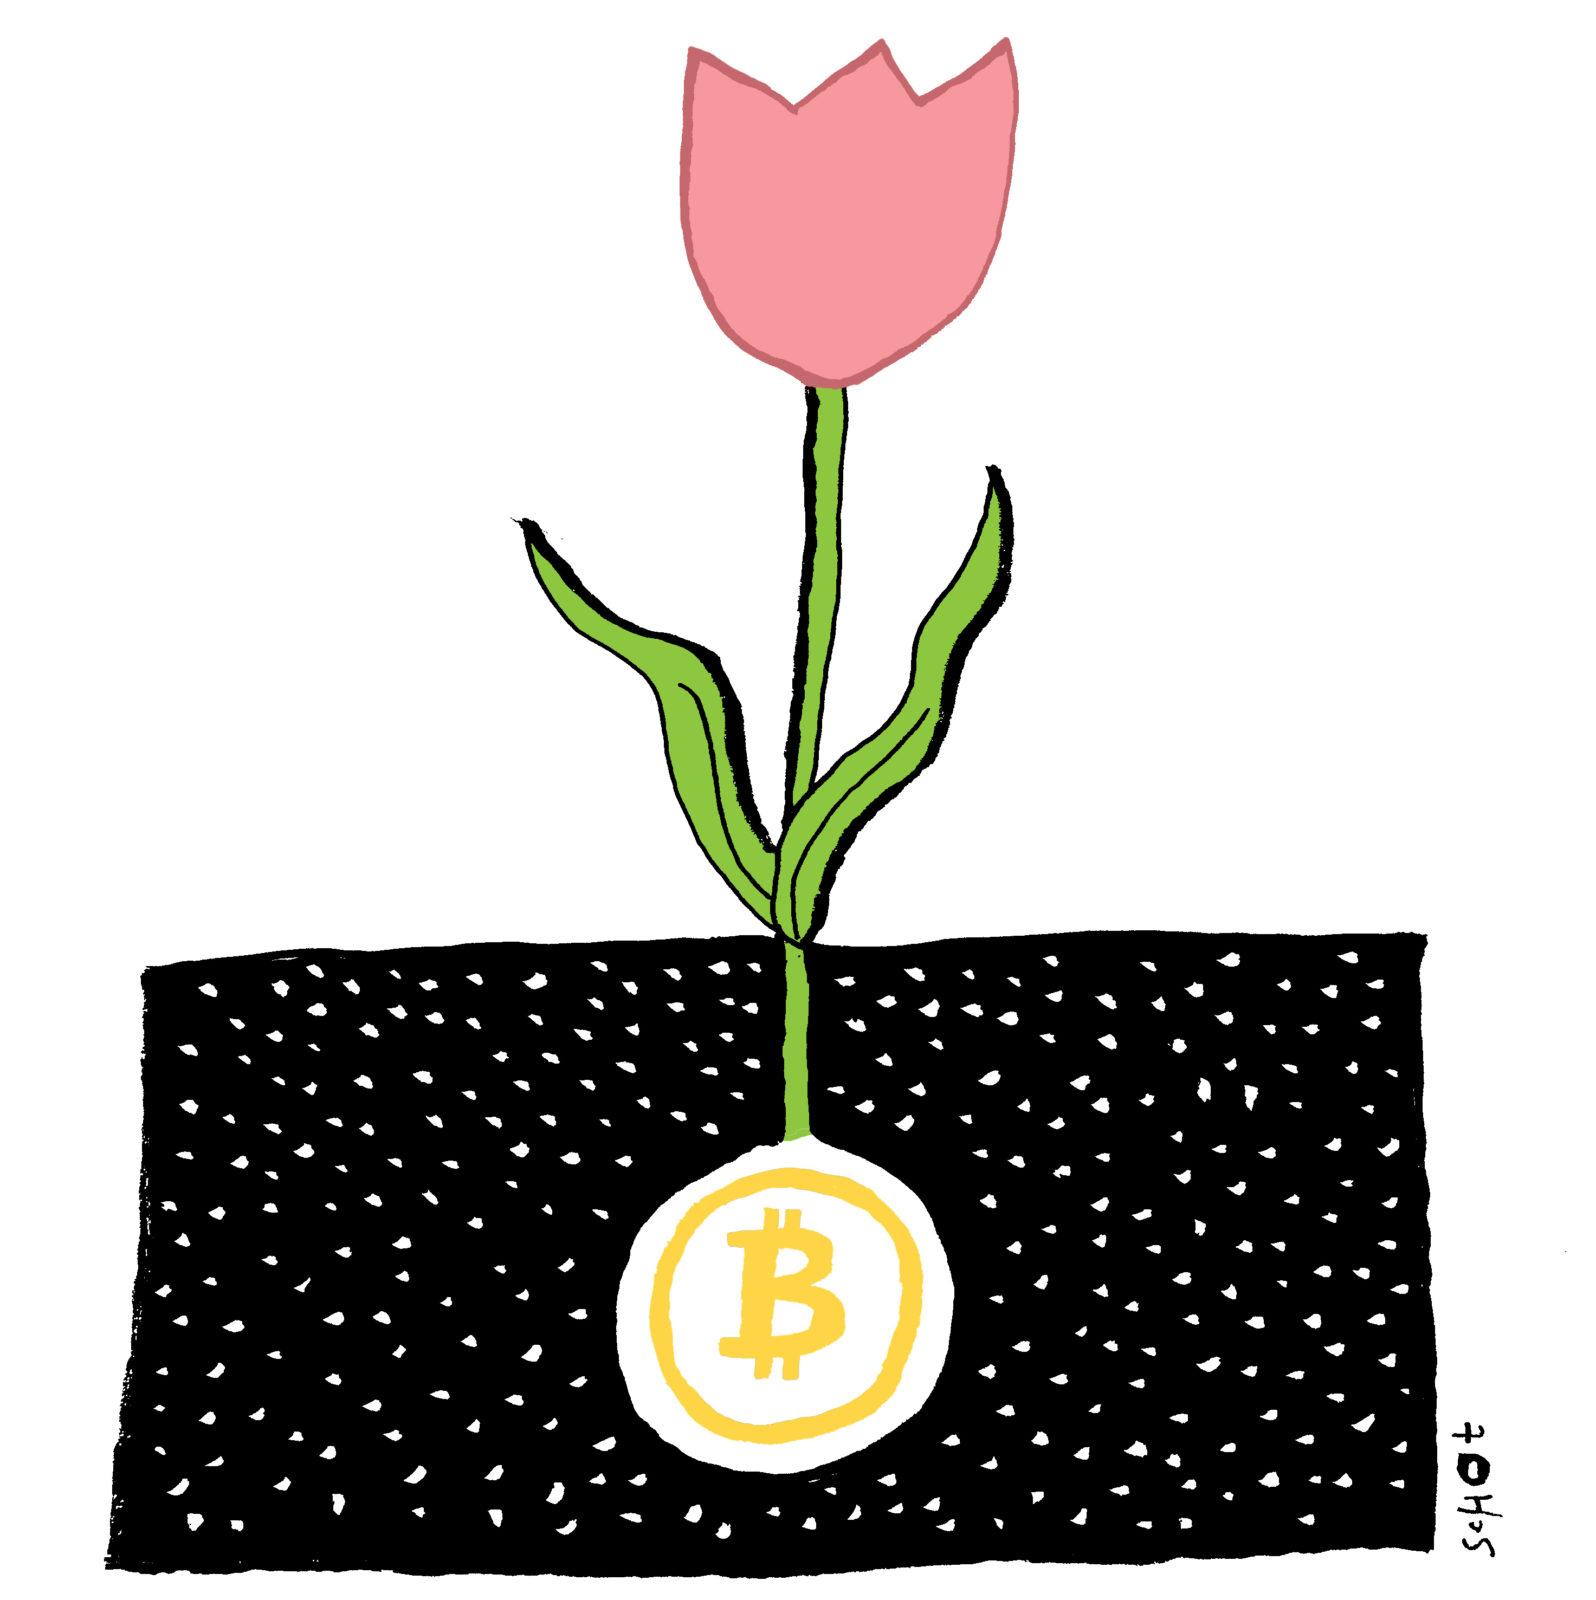 De-kwestie-bitcoin-tulp-bas-van-der-schot2